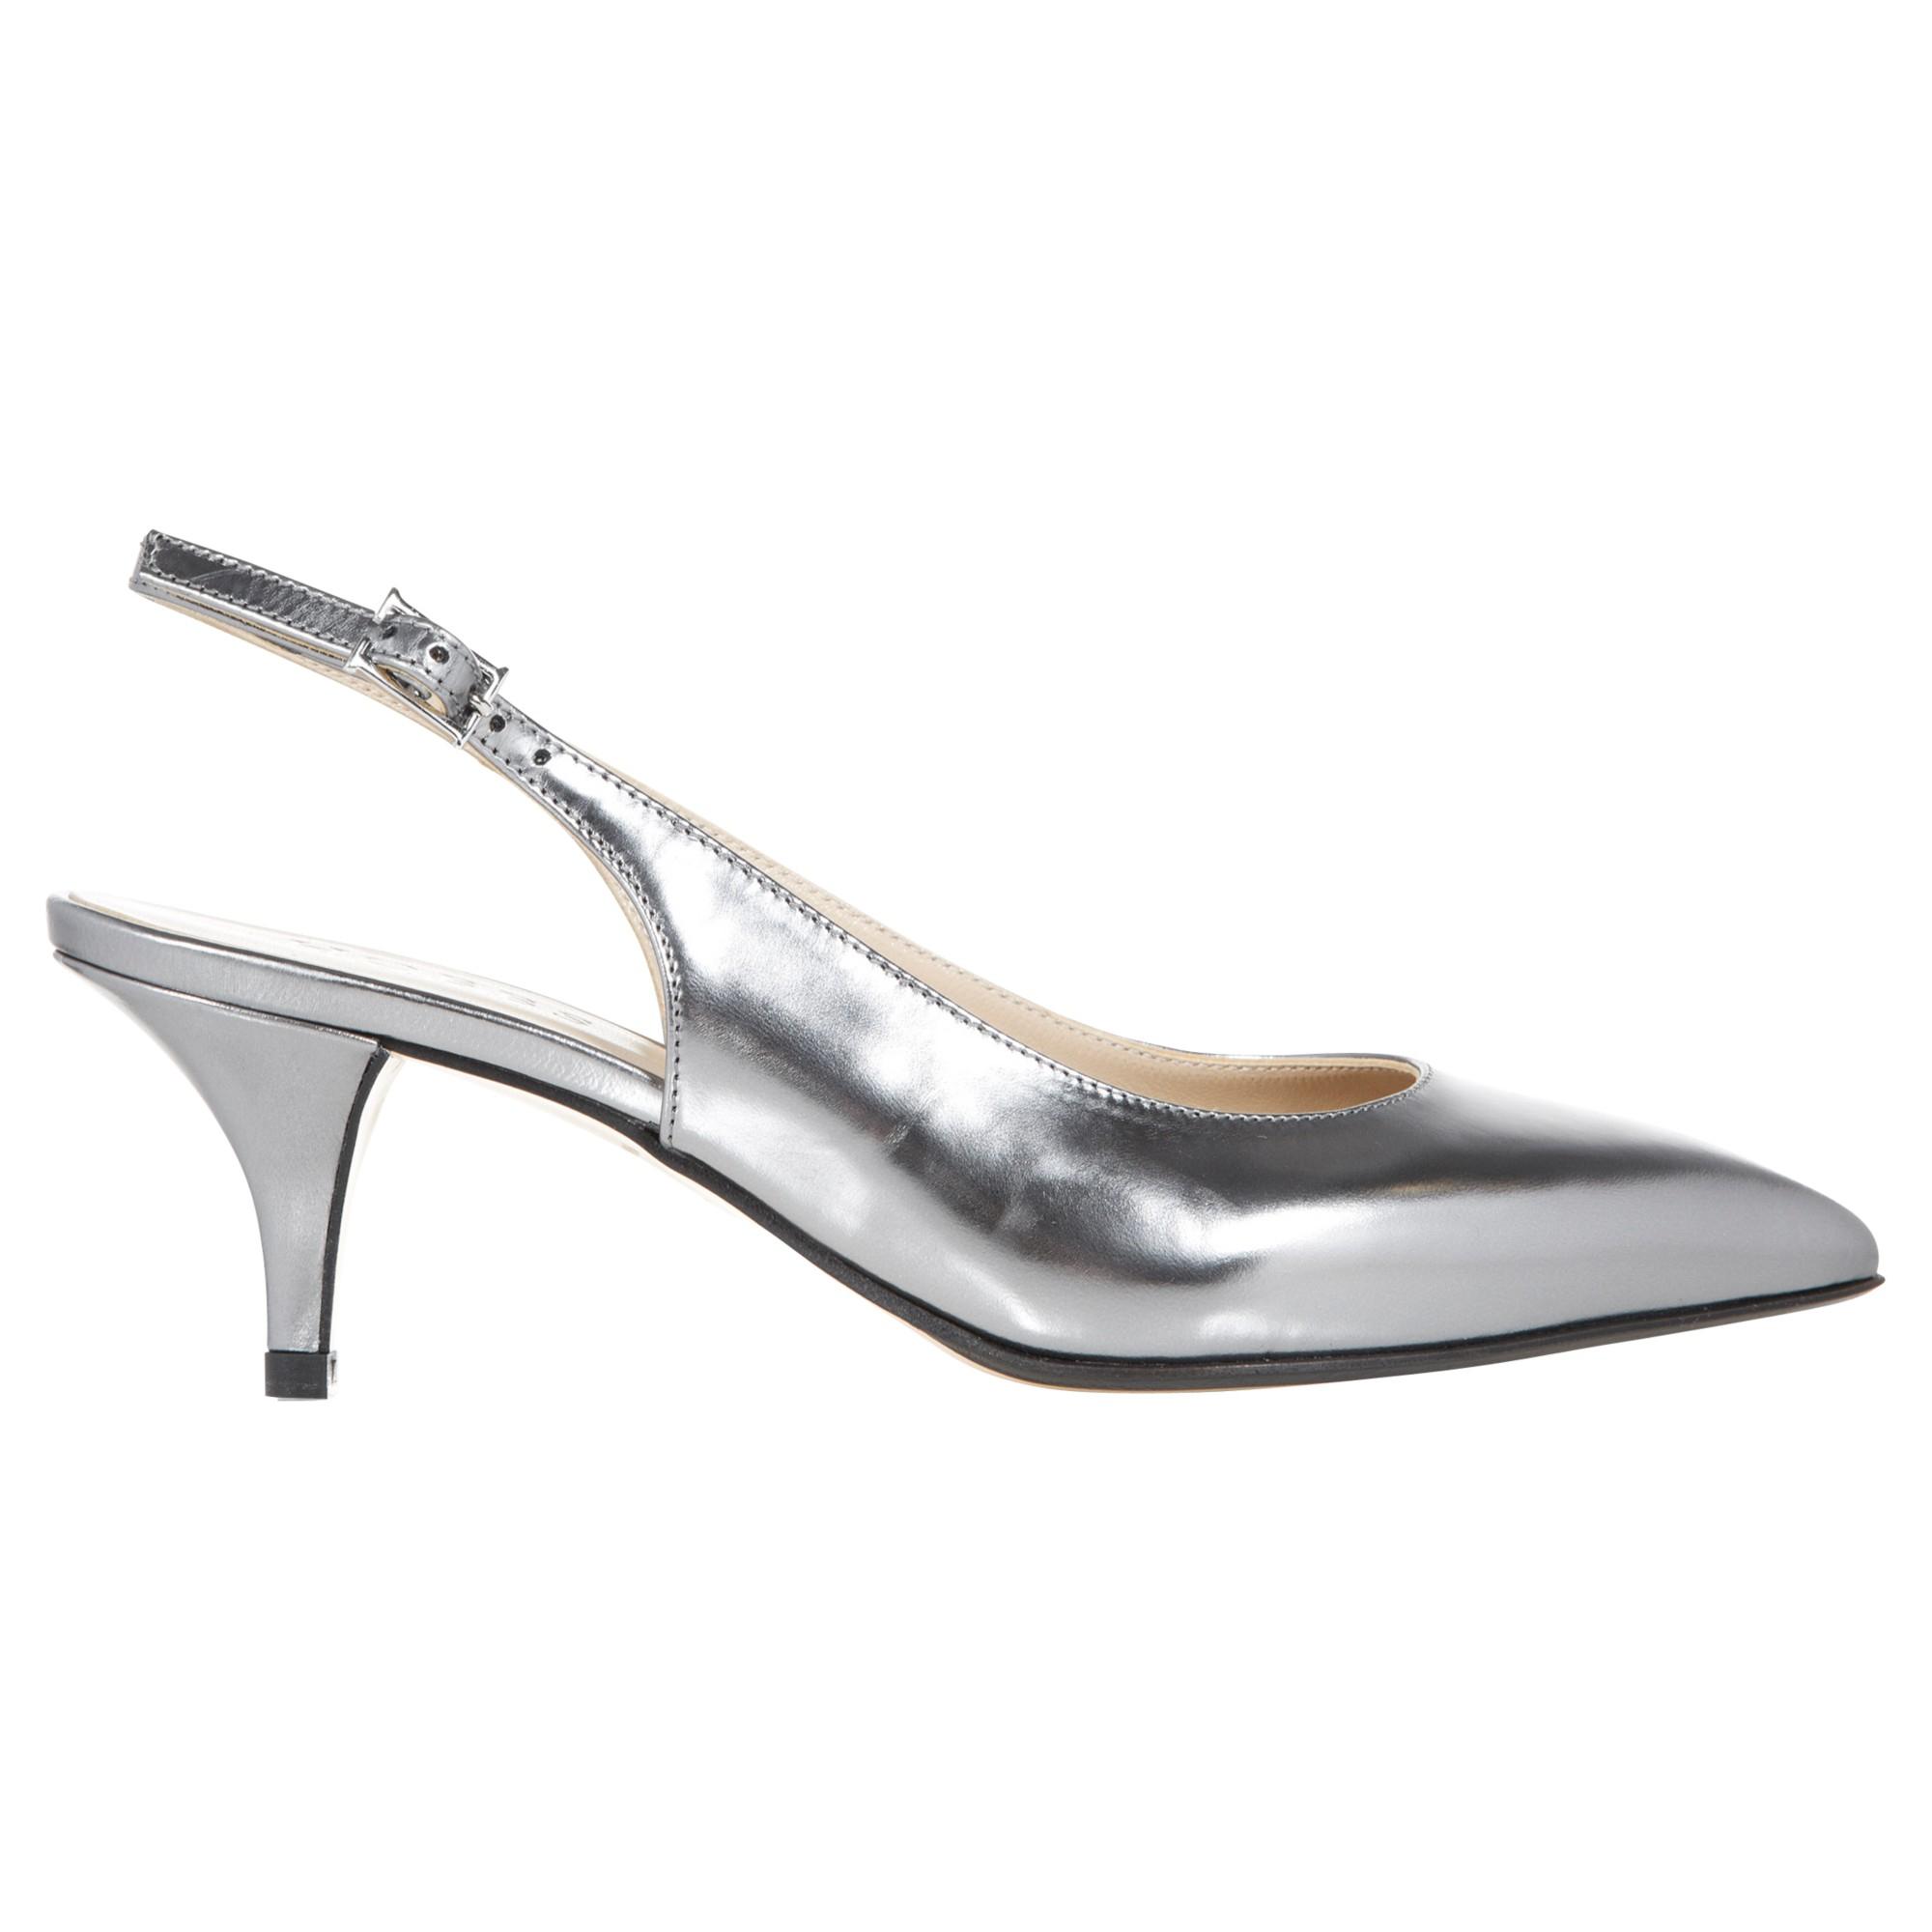 Silver Kitten Heel Dress Shoes